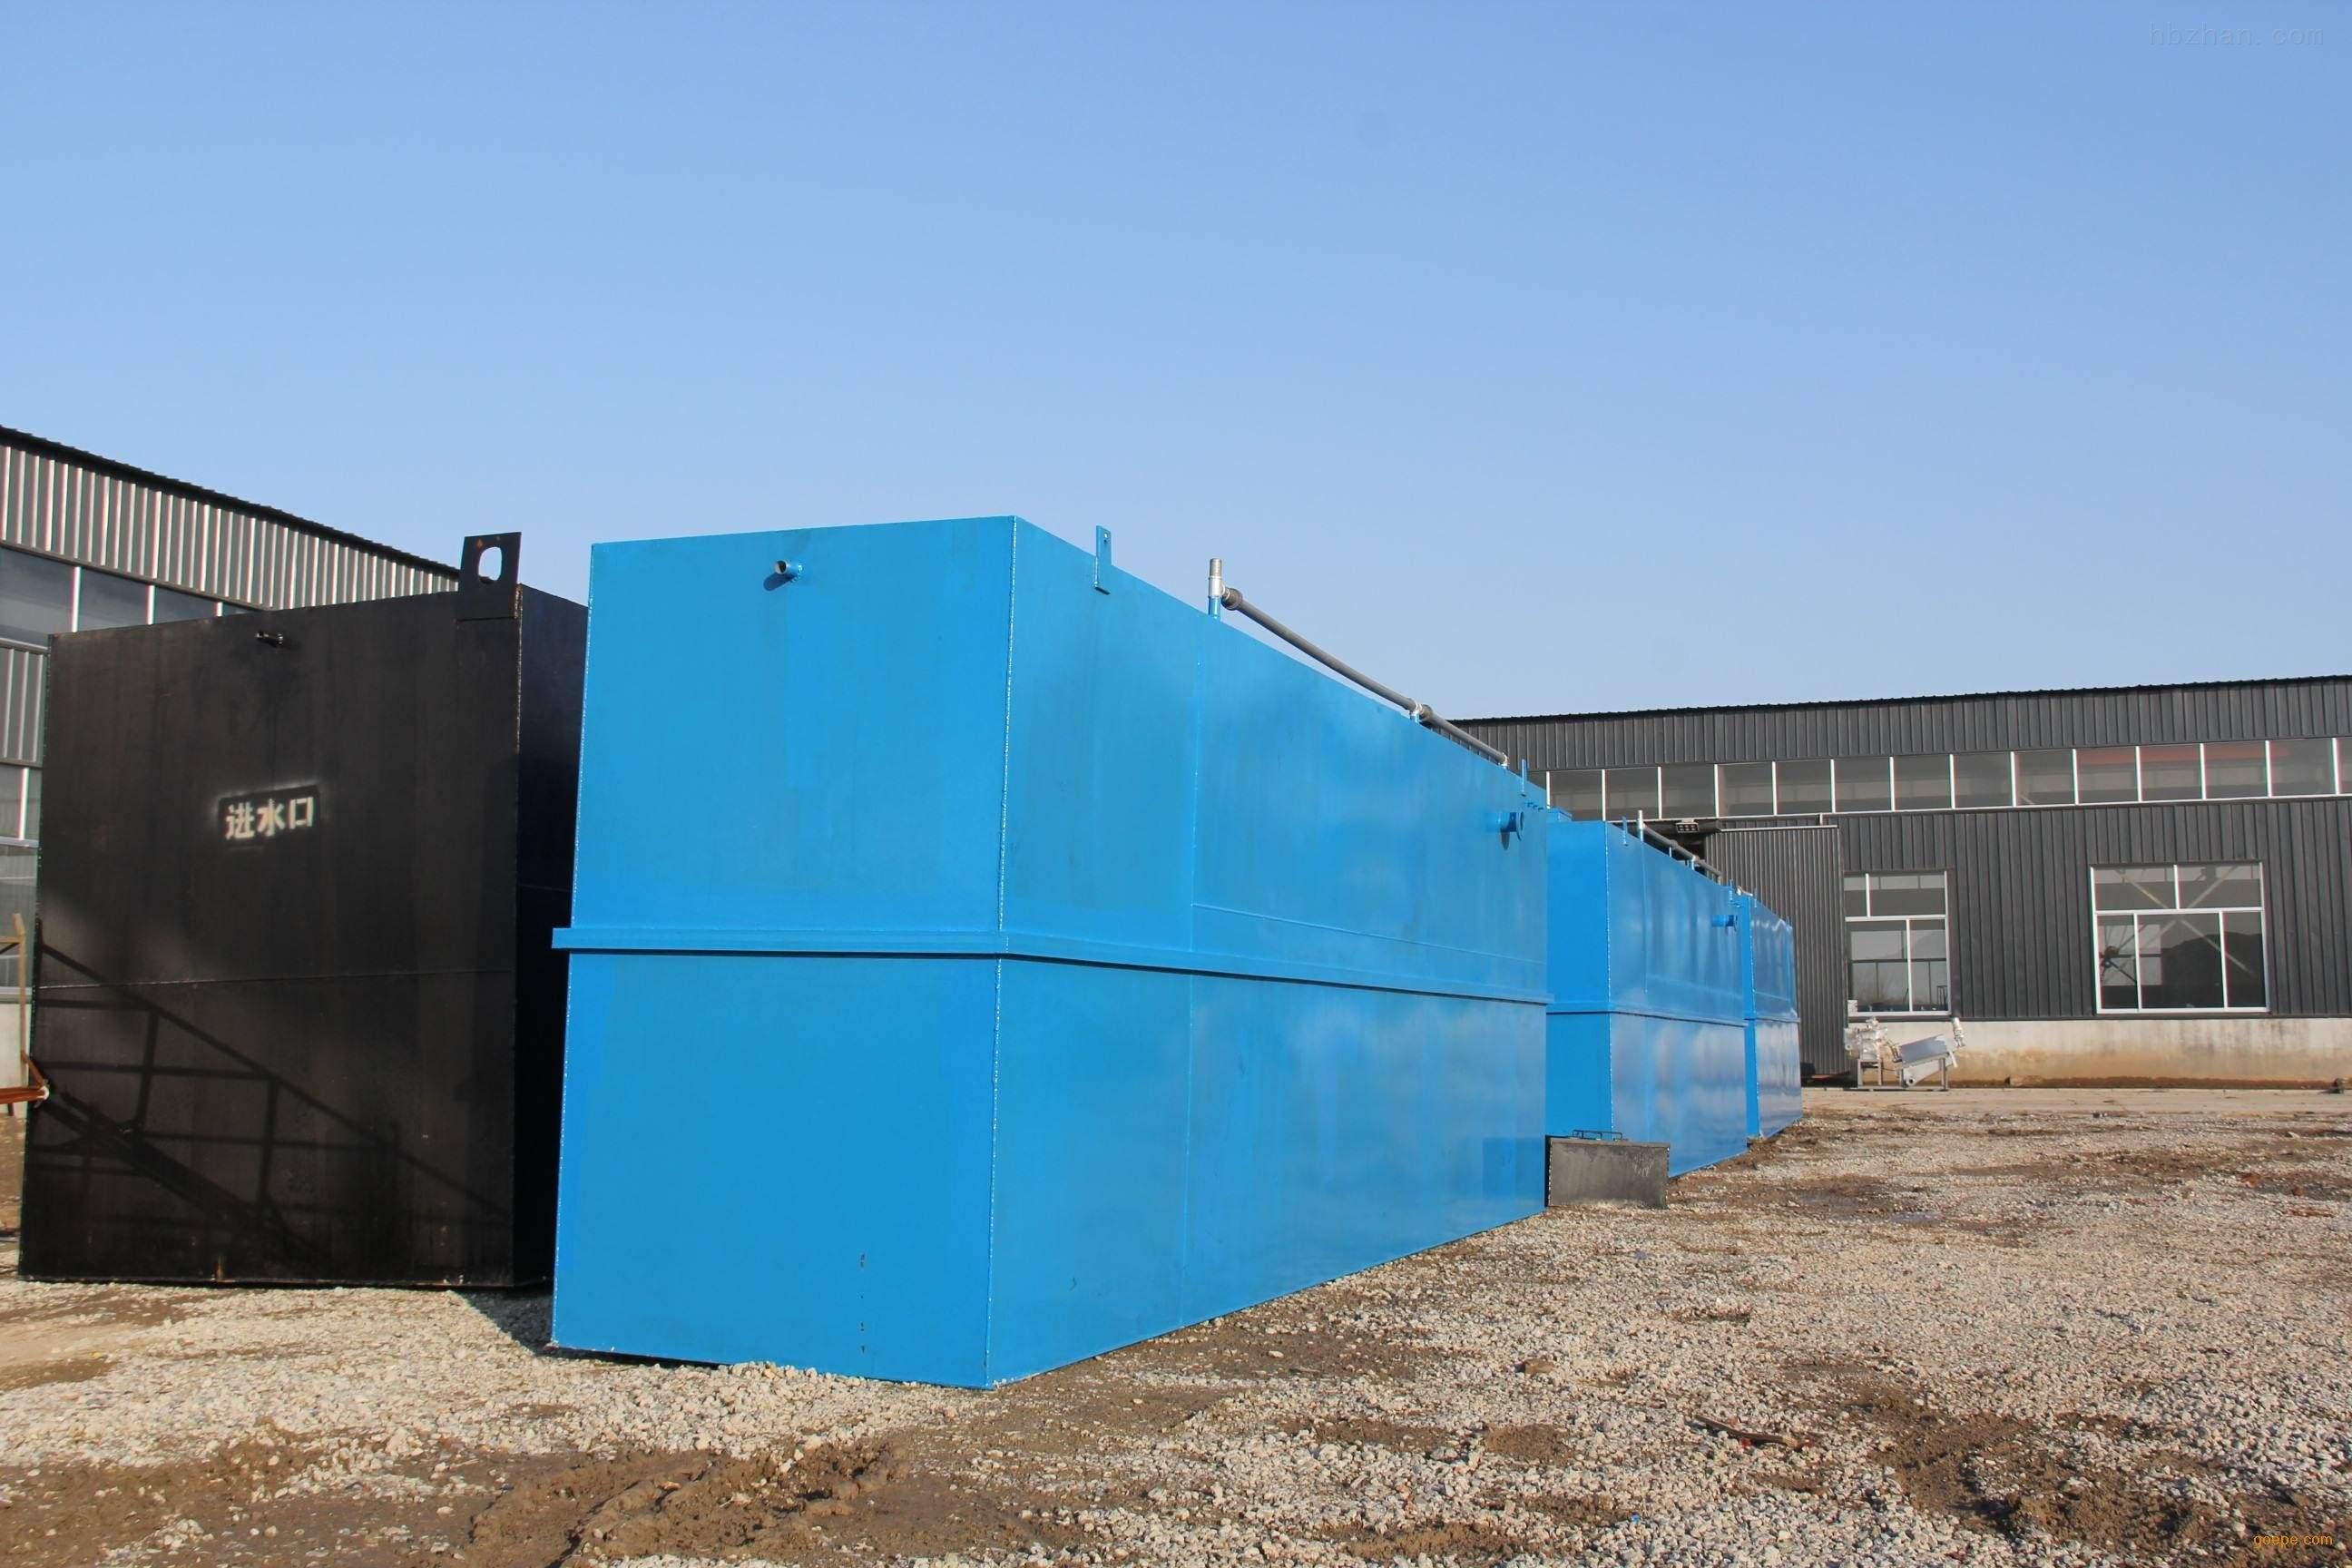 住宅区 污水处理设备合格